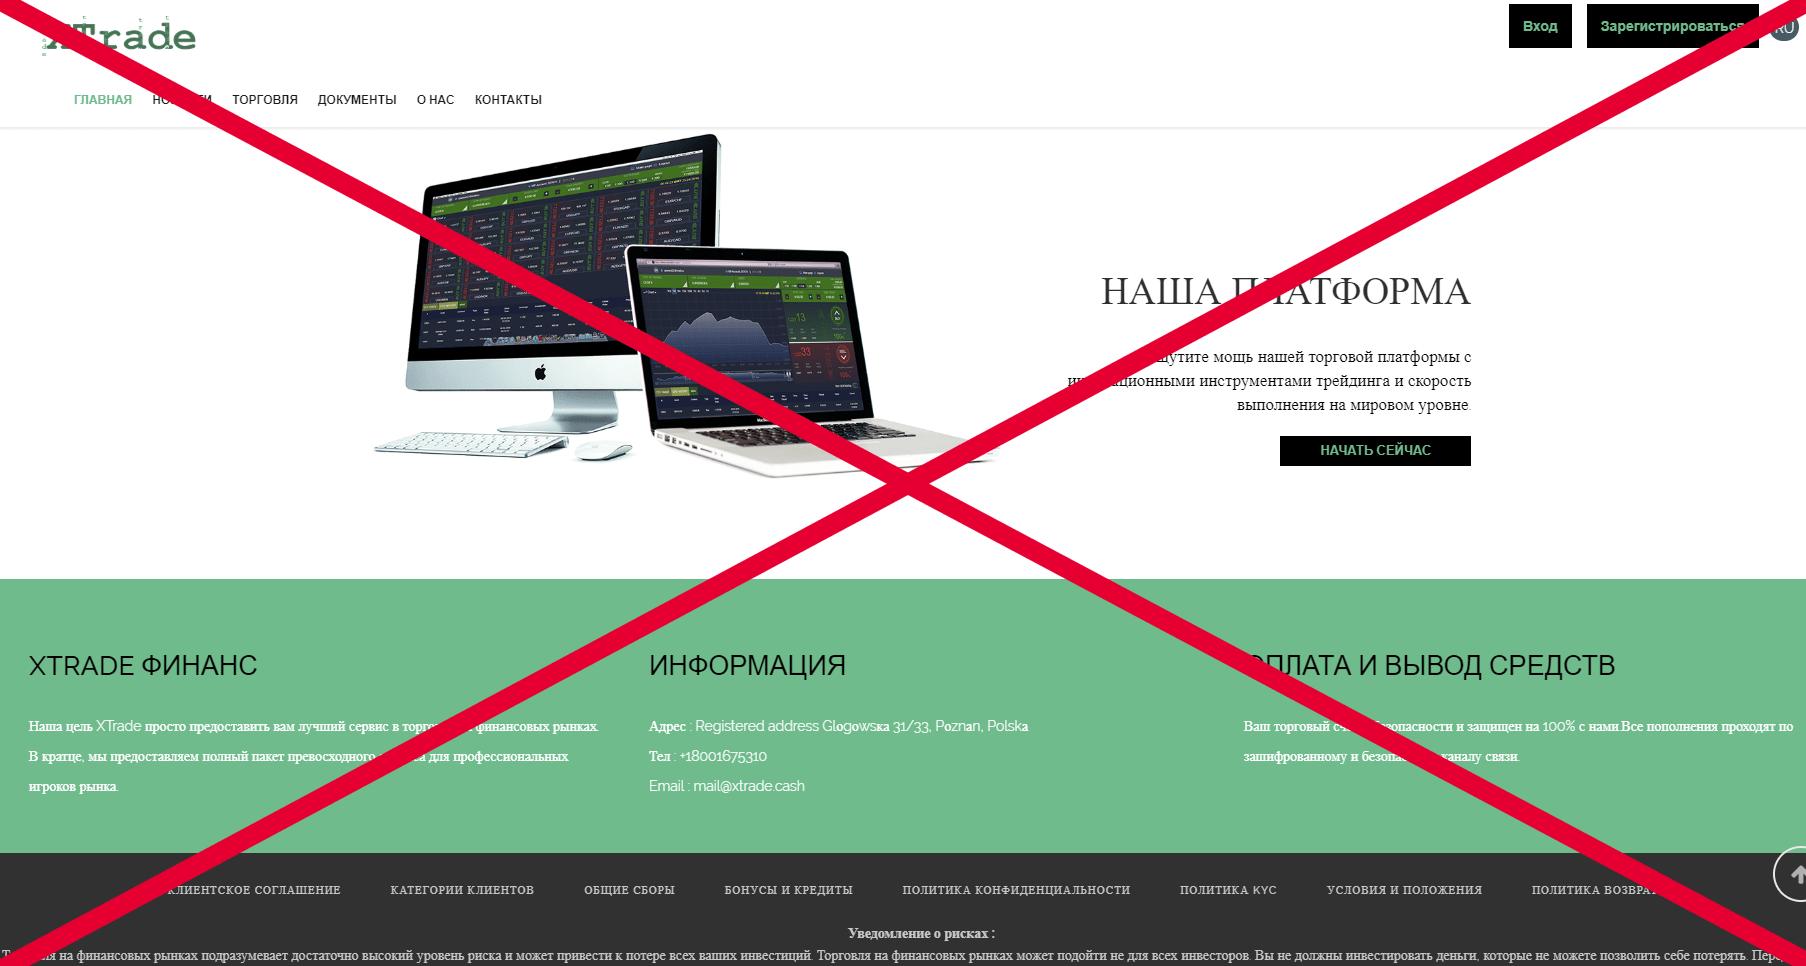 Xtrade Cash - отзывы о брокере xtrade.cash